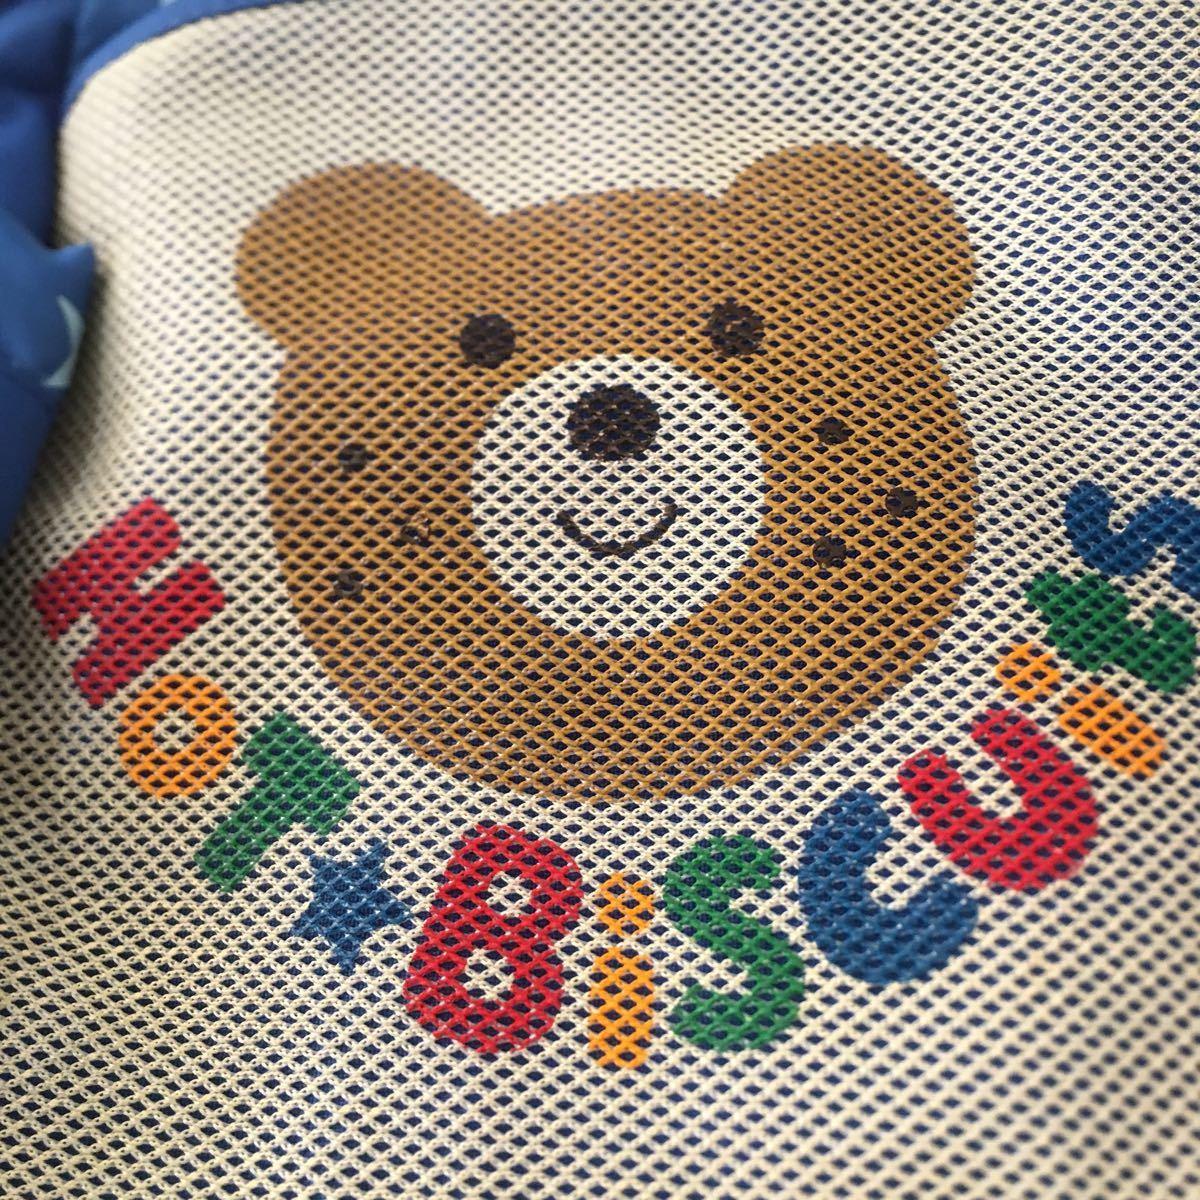 ミキハウス リュックサック 男の子 B級品 ホット ビスケッツ クマ 子供用 鞄 リュック_画像2